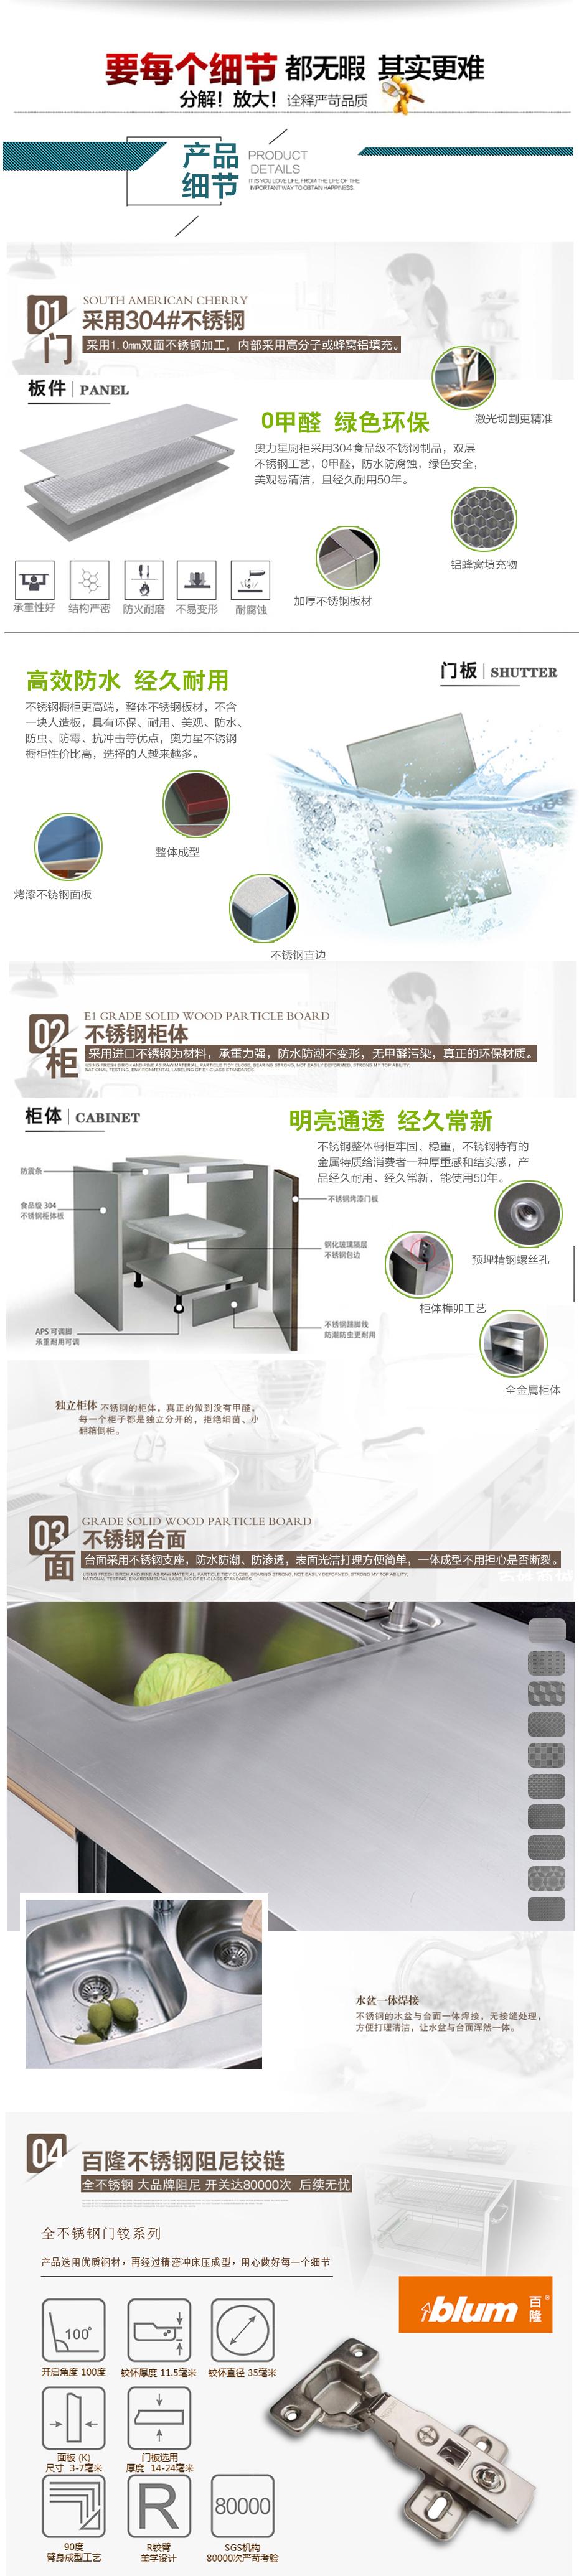 家用不锈钢厨柜的产品细节